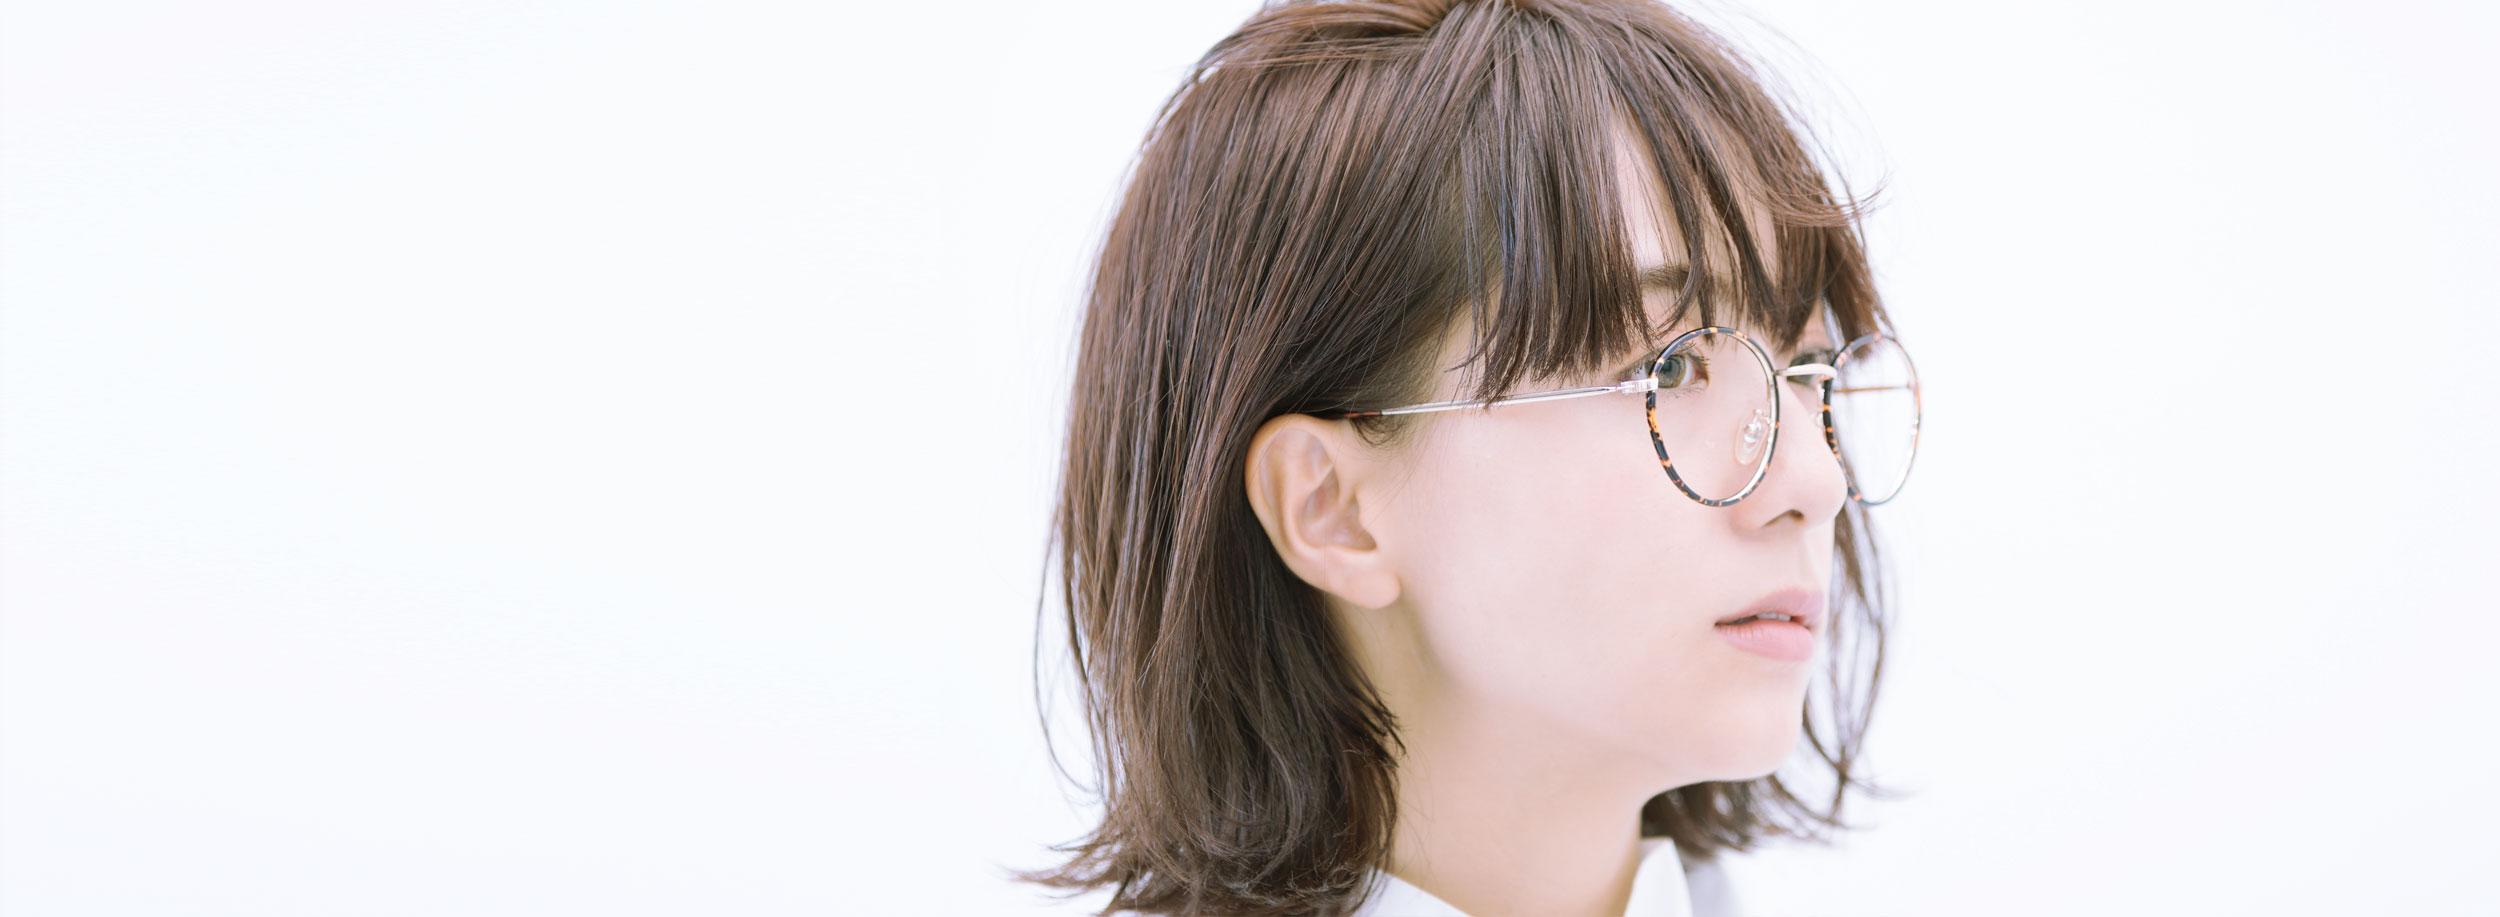 三重県松阪市の美容院「シゲルカットクラブ」のイメージ写真